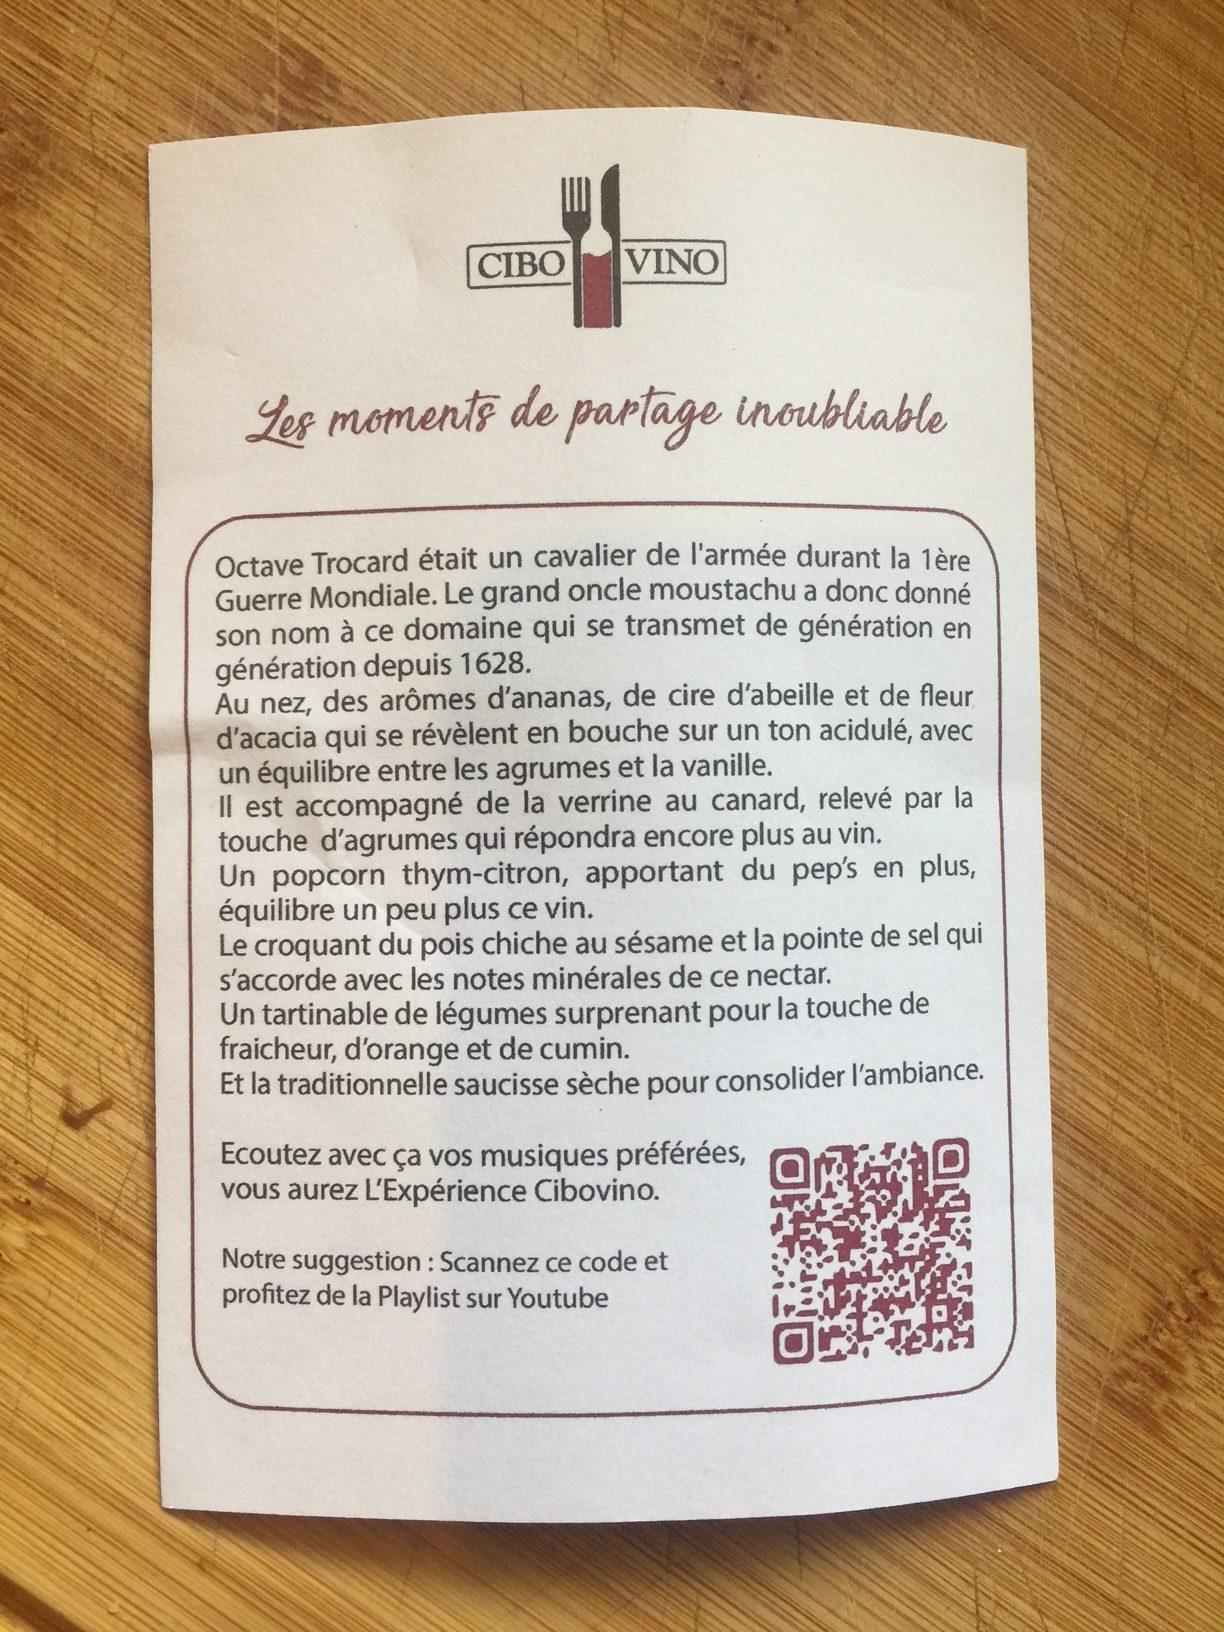 IMG 8357 e1527863725528 - Cibo Vino, le coffret apéro gourmand